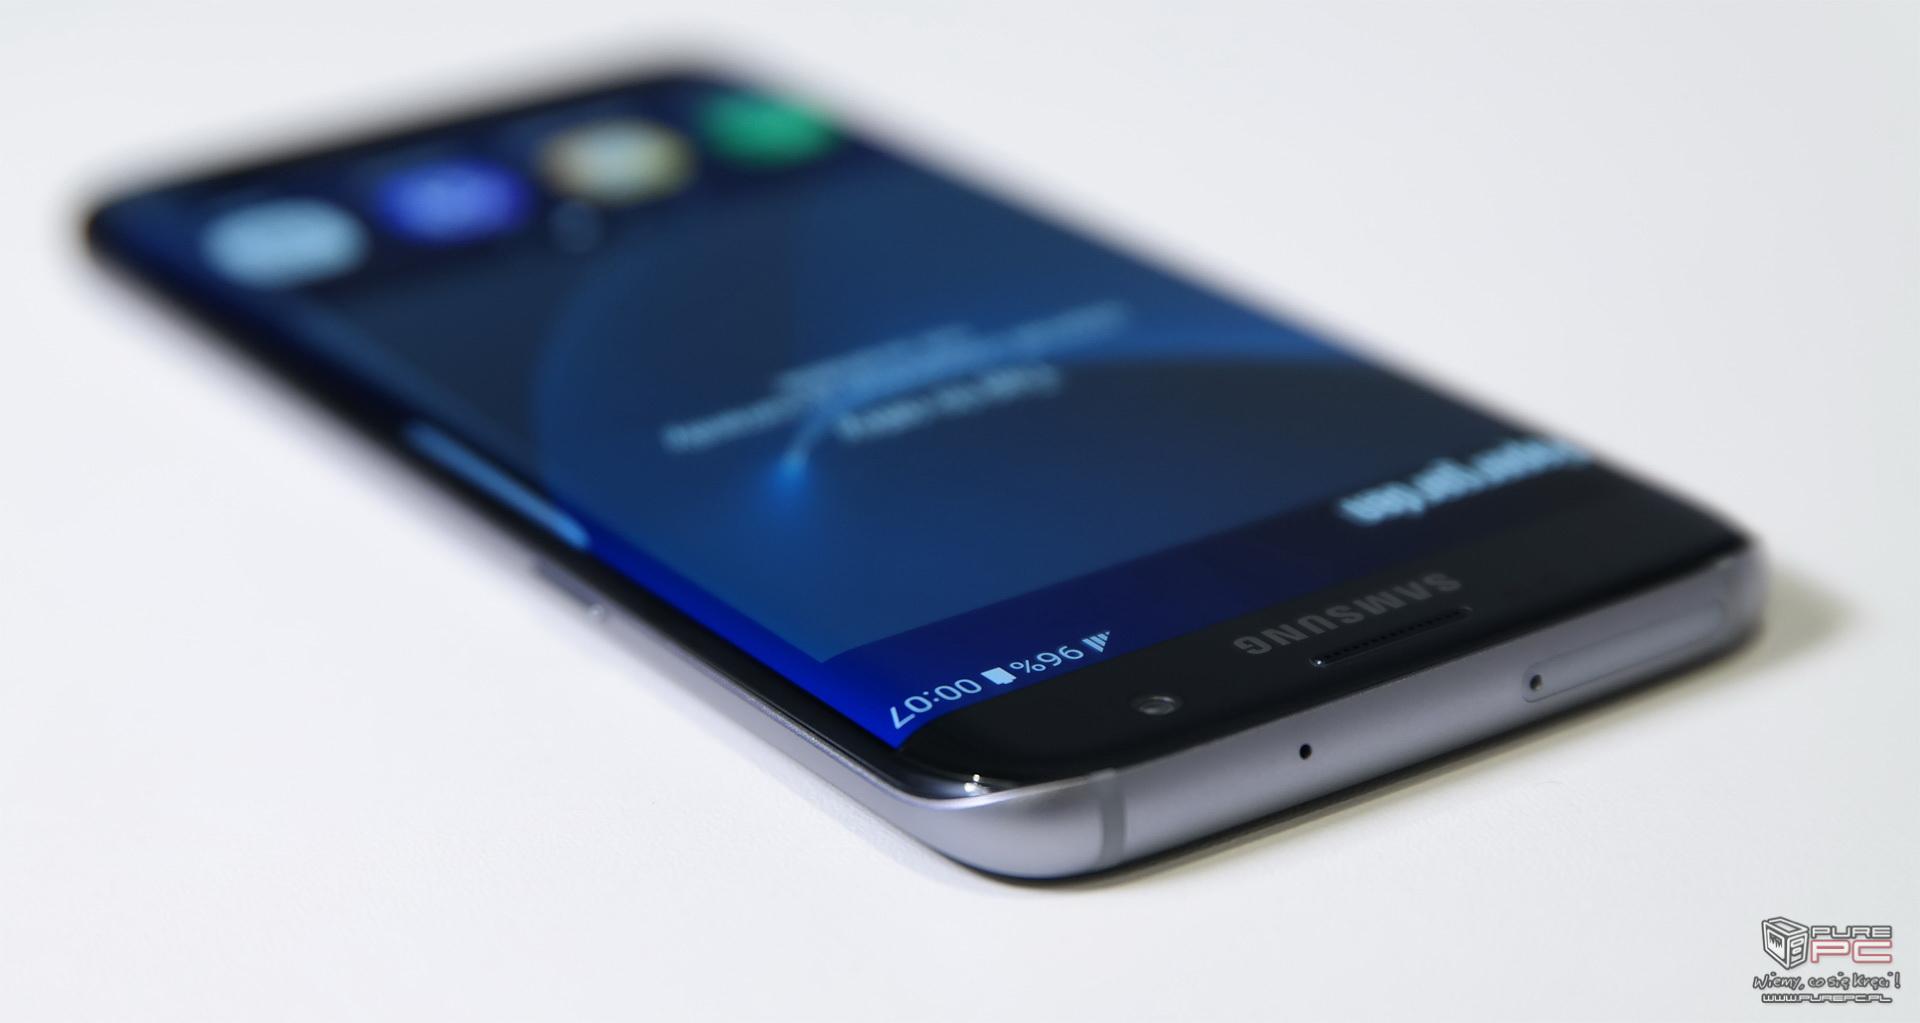 Ustawienia smartfona Samsung Galaxy S6 Edge pozwalają na dostosowanie wyświetlacza zgodnie z czterema trybami Wyświetlacz w trybie adaptacyjnym